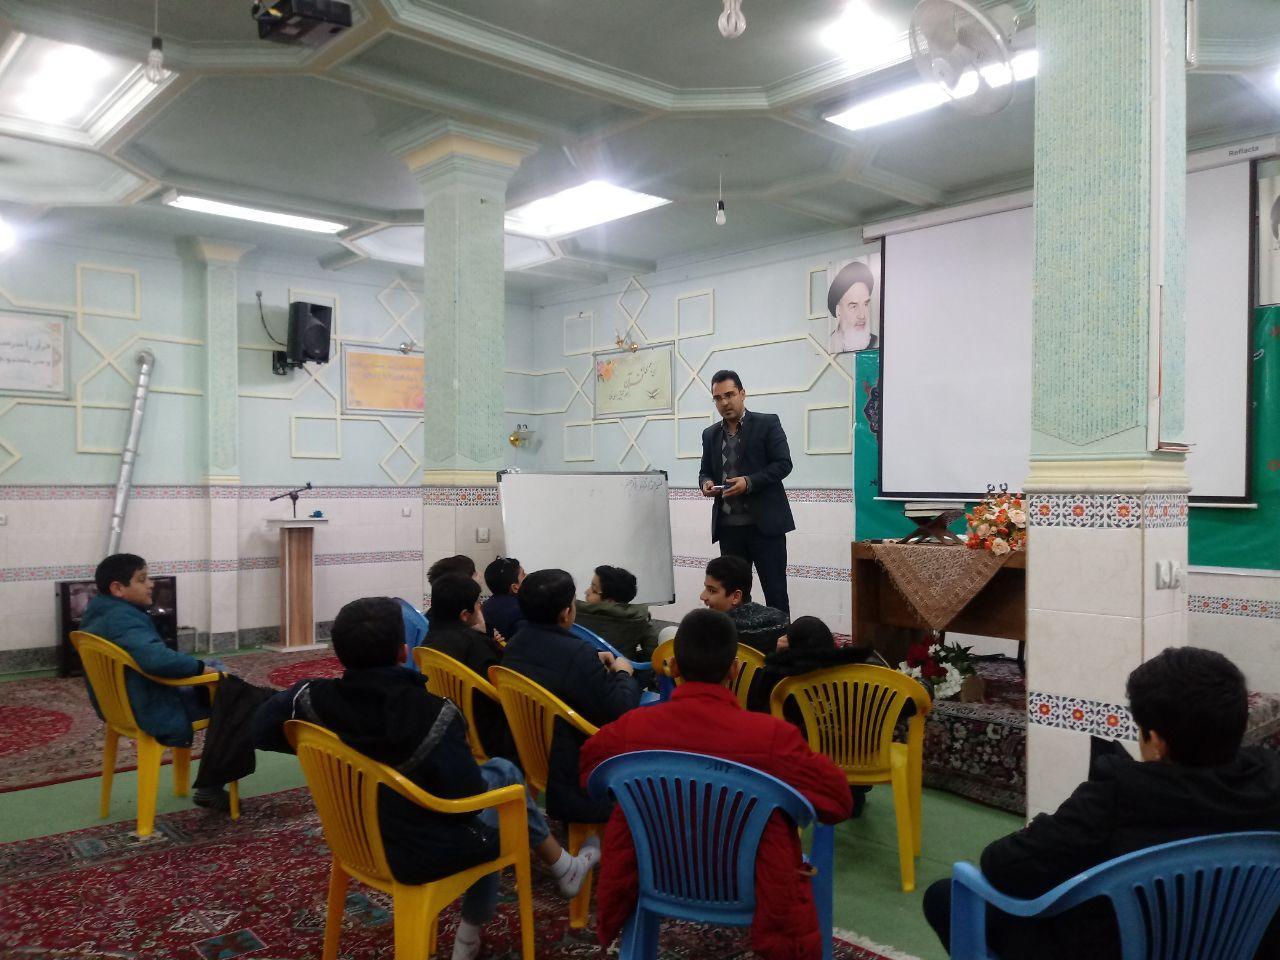 حلقه تربیتی علمی نوجوانان مقطع دوره اول دبیرستان با حضور استاد احمد نورانی